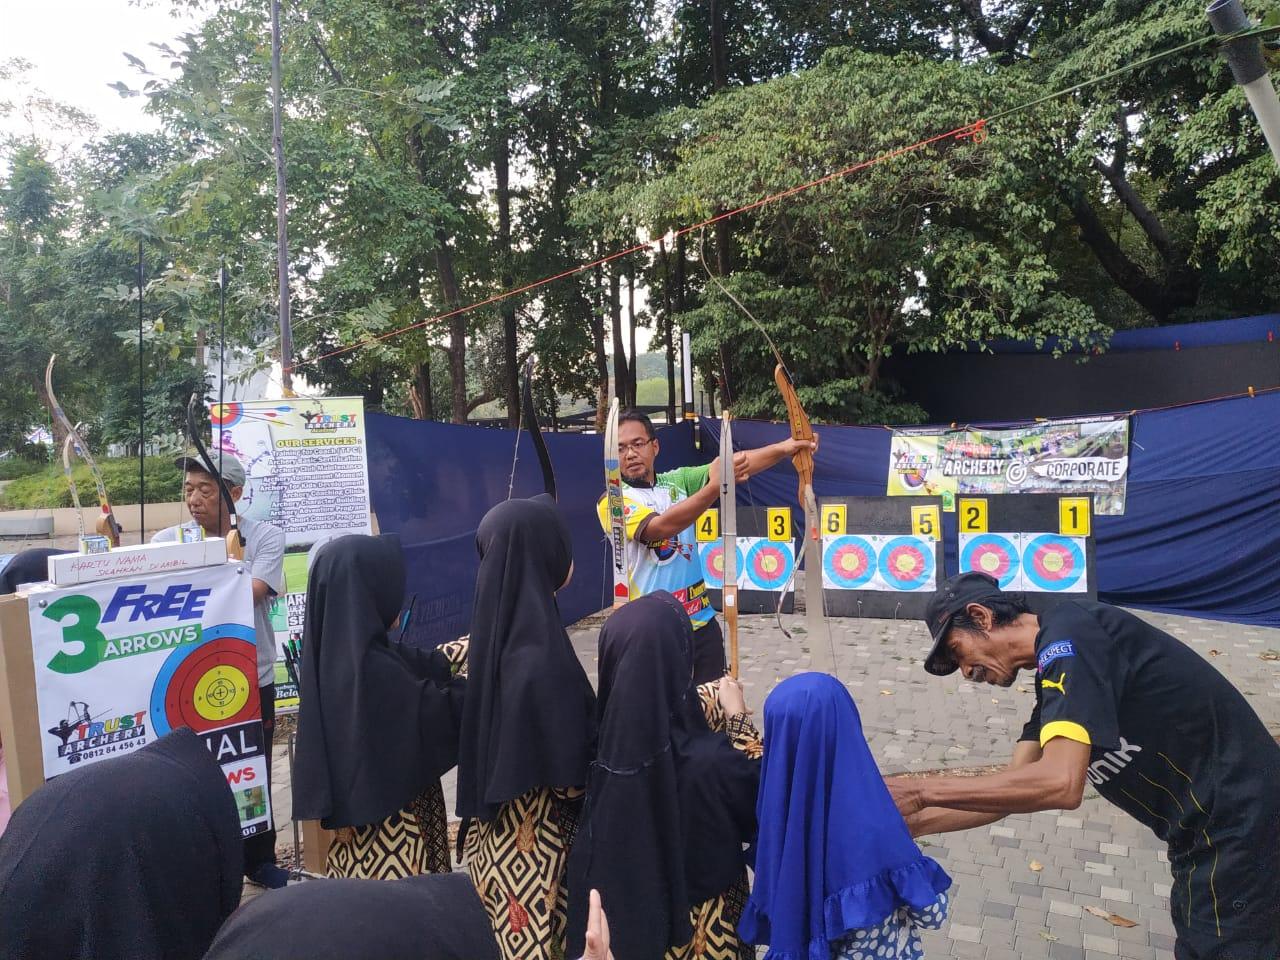 Kegiatan panahan, salah satu kegiatan luar ruangan yang diminati para pengunjung di ISEE FEST 2019